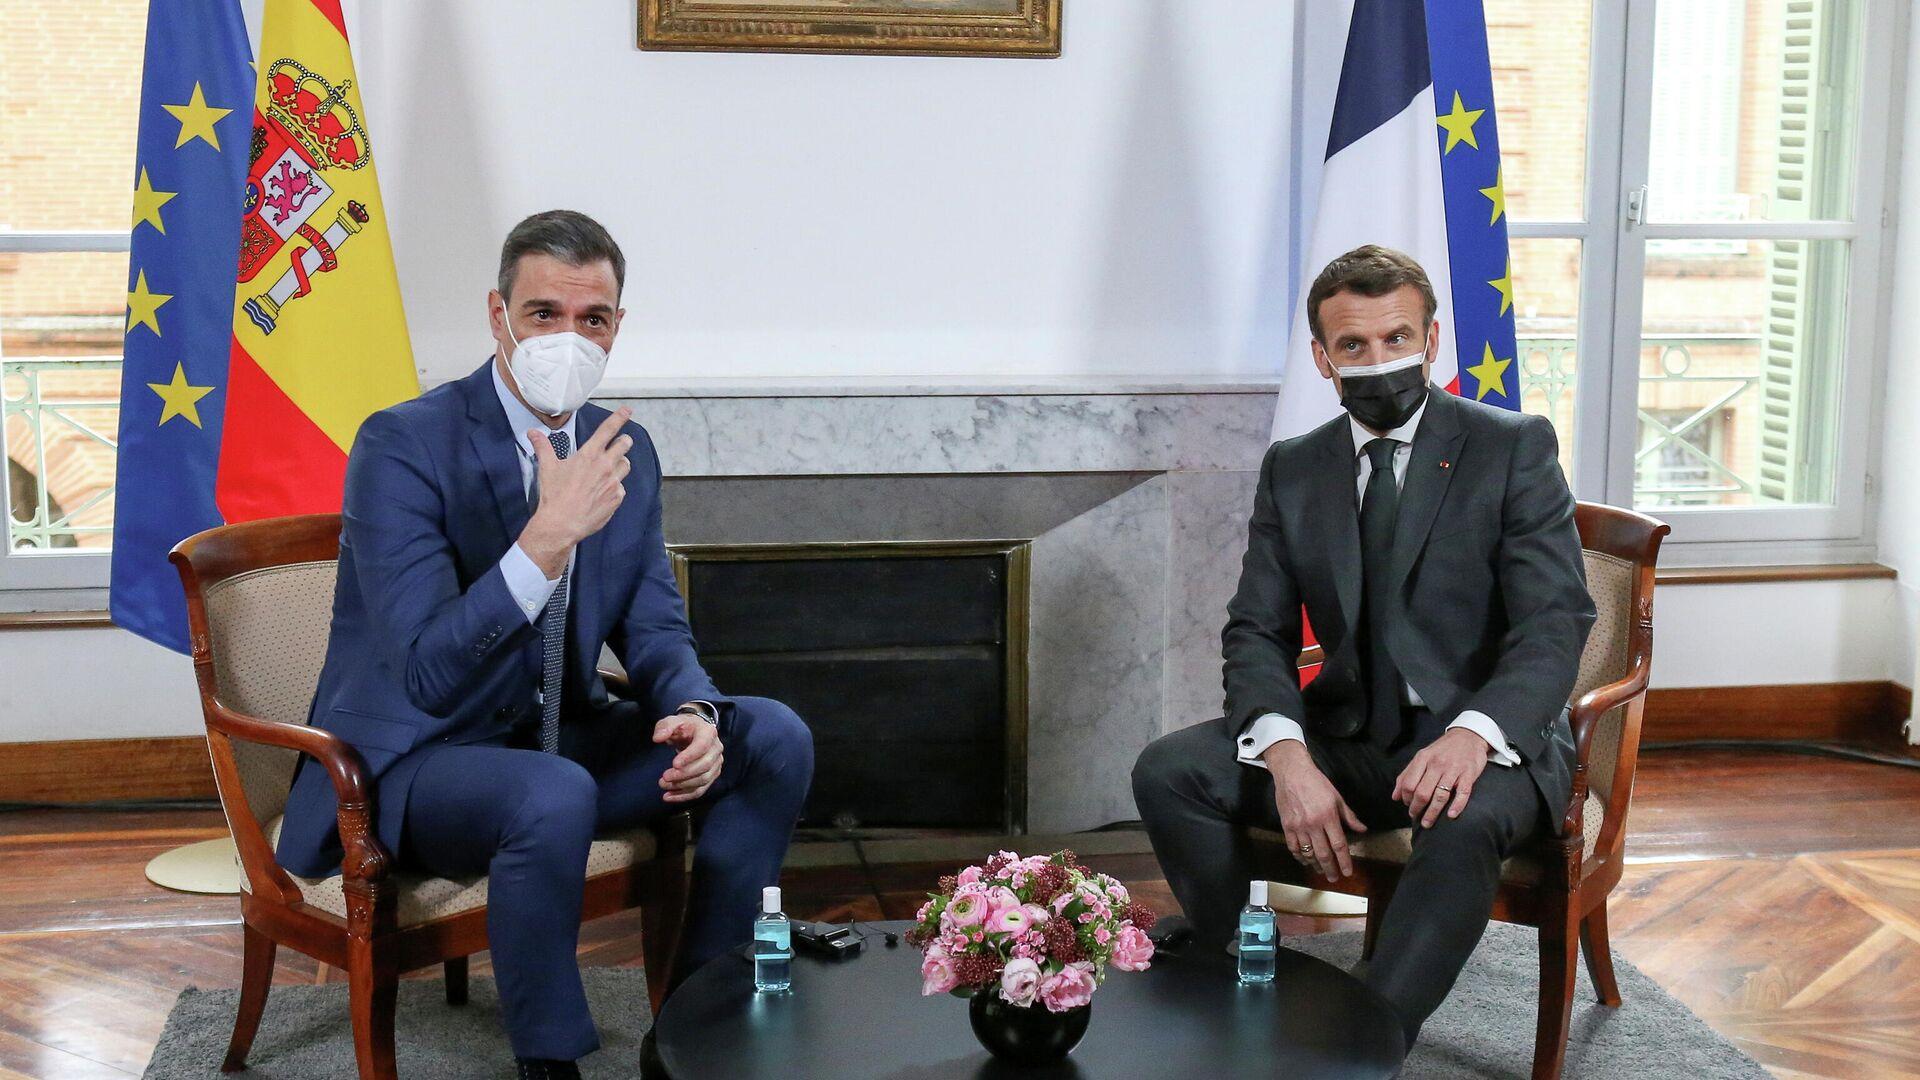 El presidente del Gobierno español, Pedro Sánchez con el mandatario francés, Emmanuel Macron - Sputnik Mundo, 1920, 15.03.2021